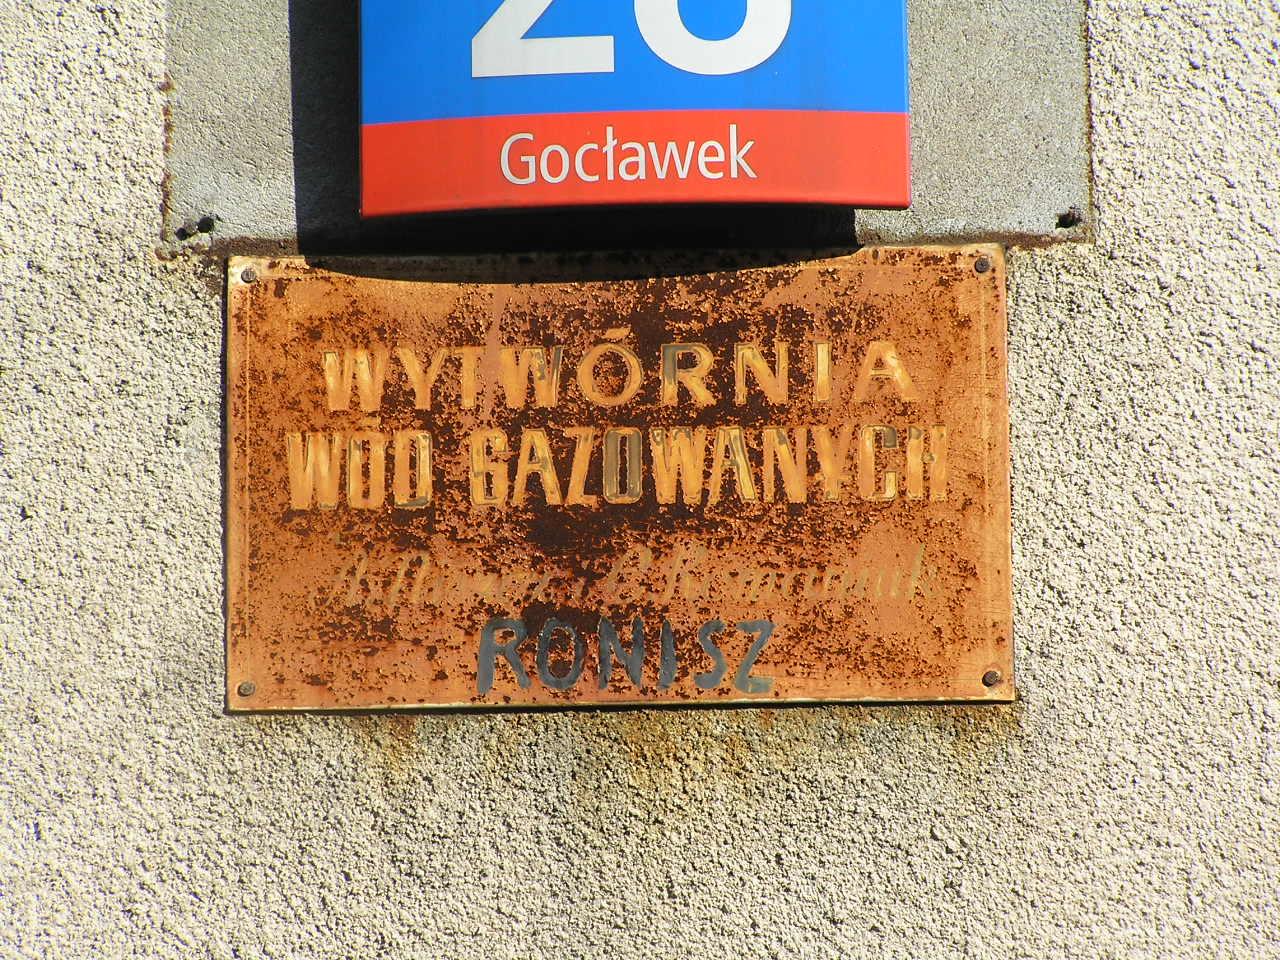 Tabliczka z nazwą firmy umieszczona na budynku przy ulicy Podolskiej 28 na Grochowie